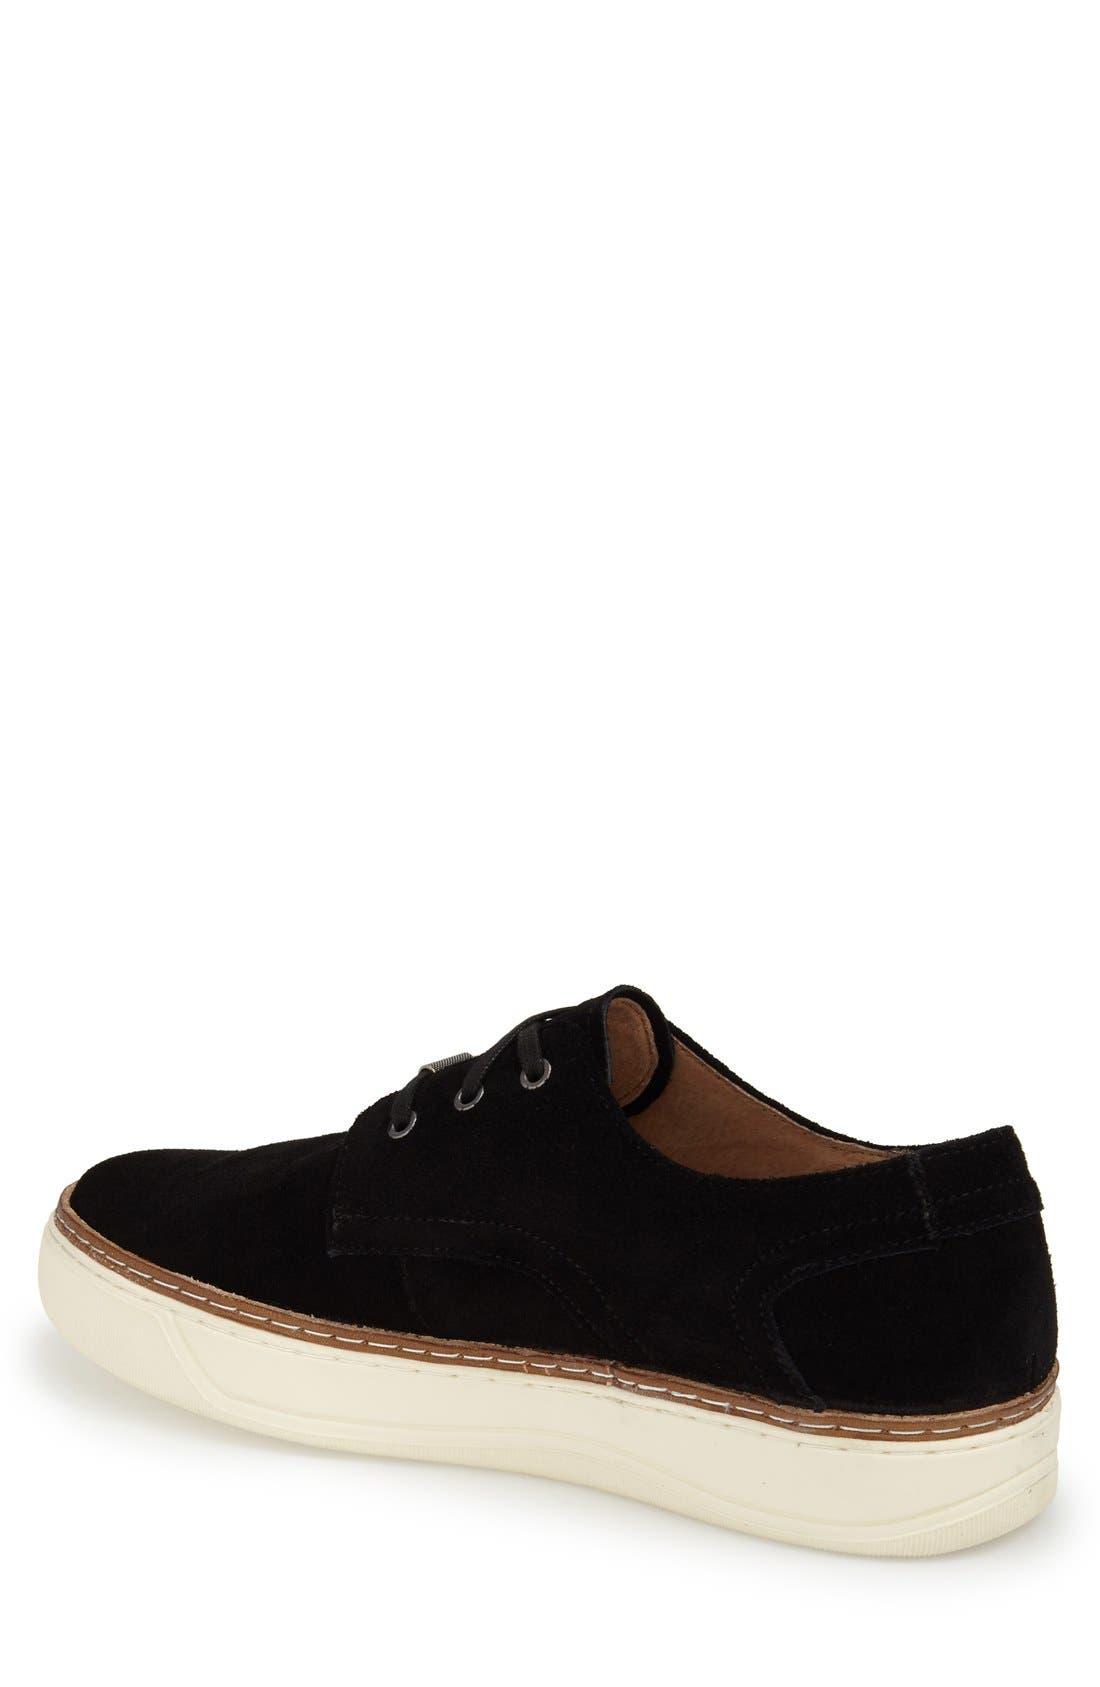 Alternate Image 2  - Andrew Marc 'Edson' Sneaker (Men)